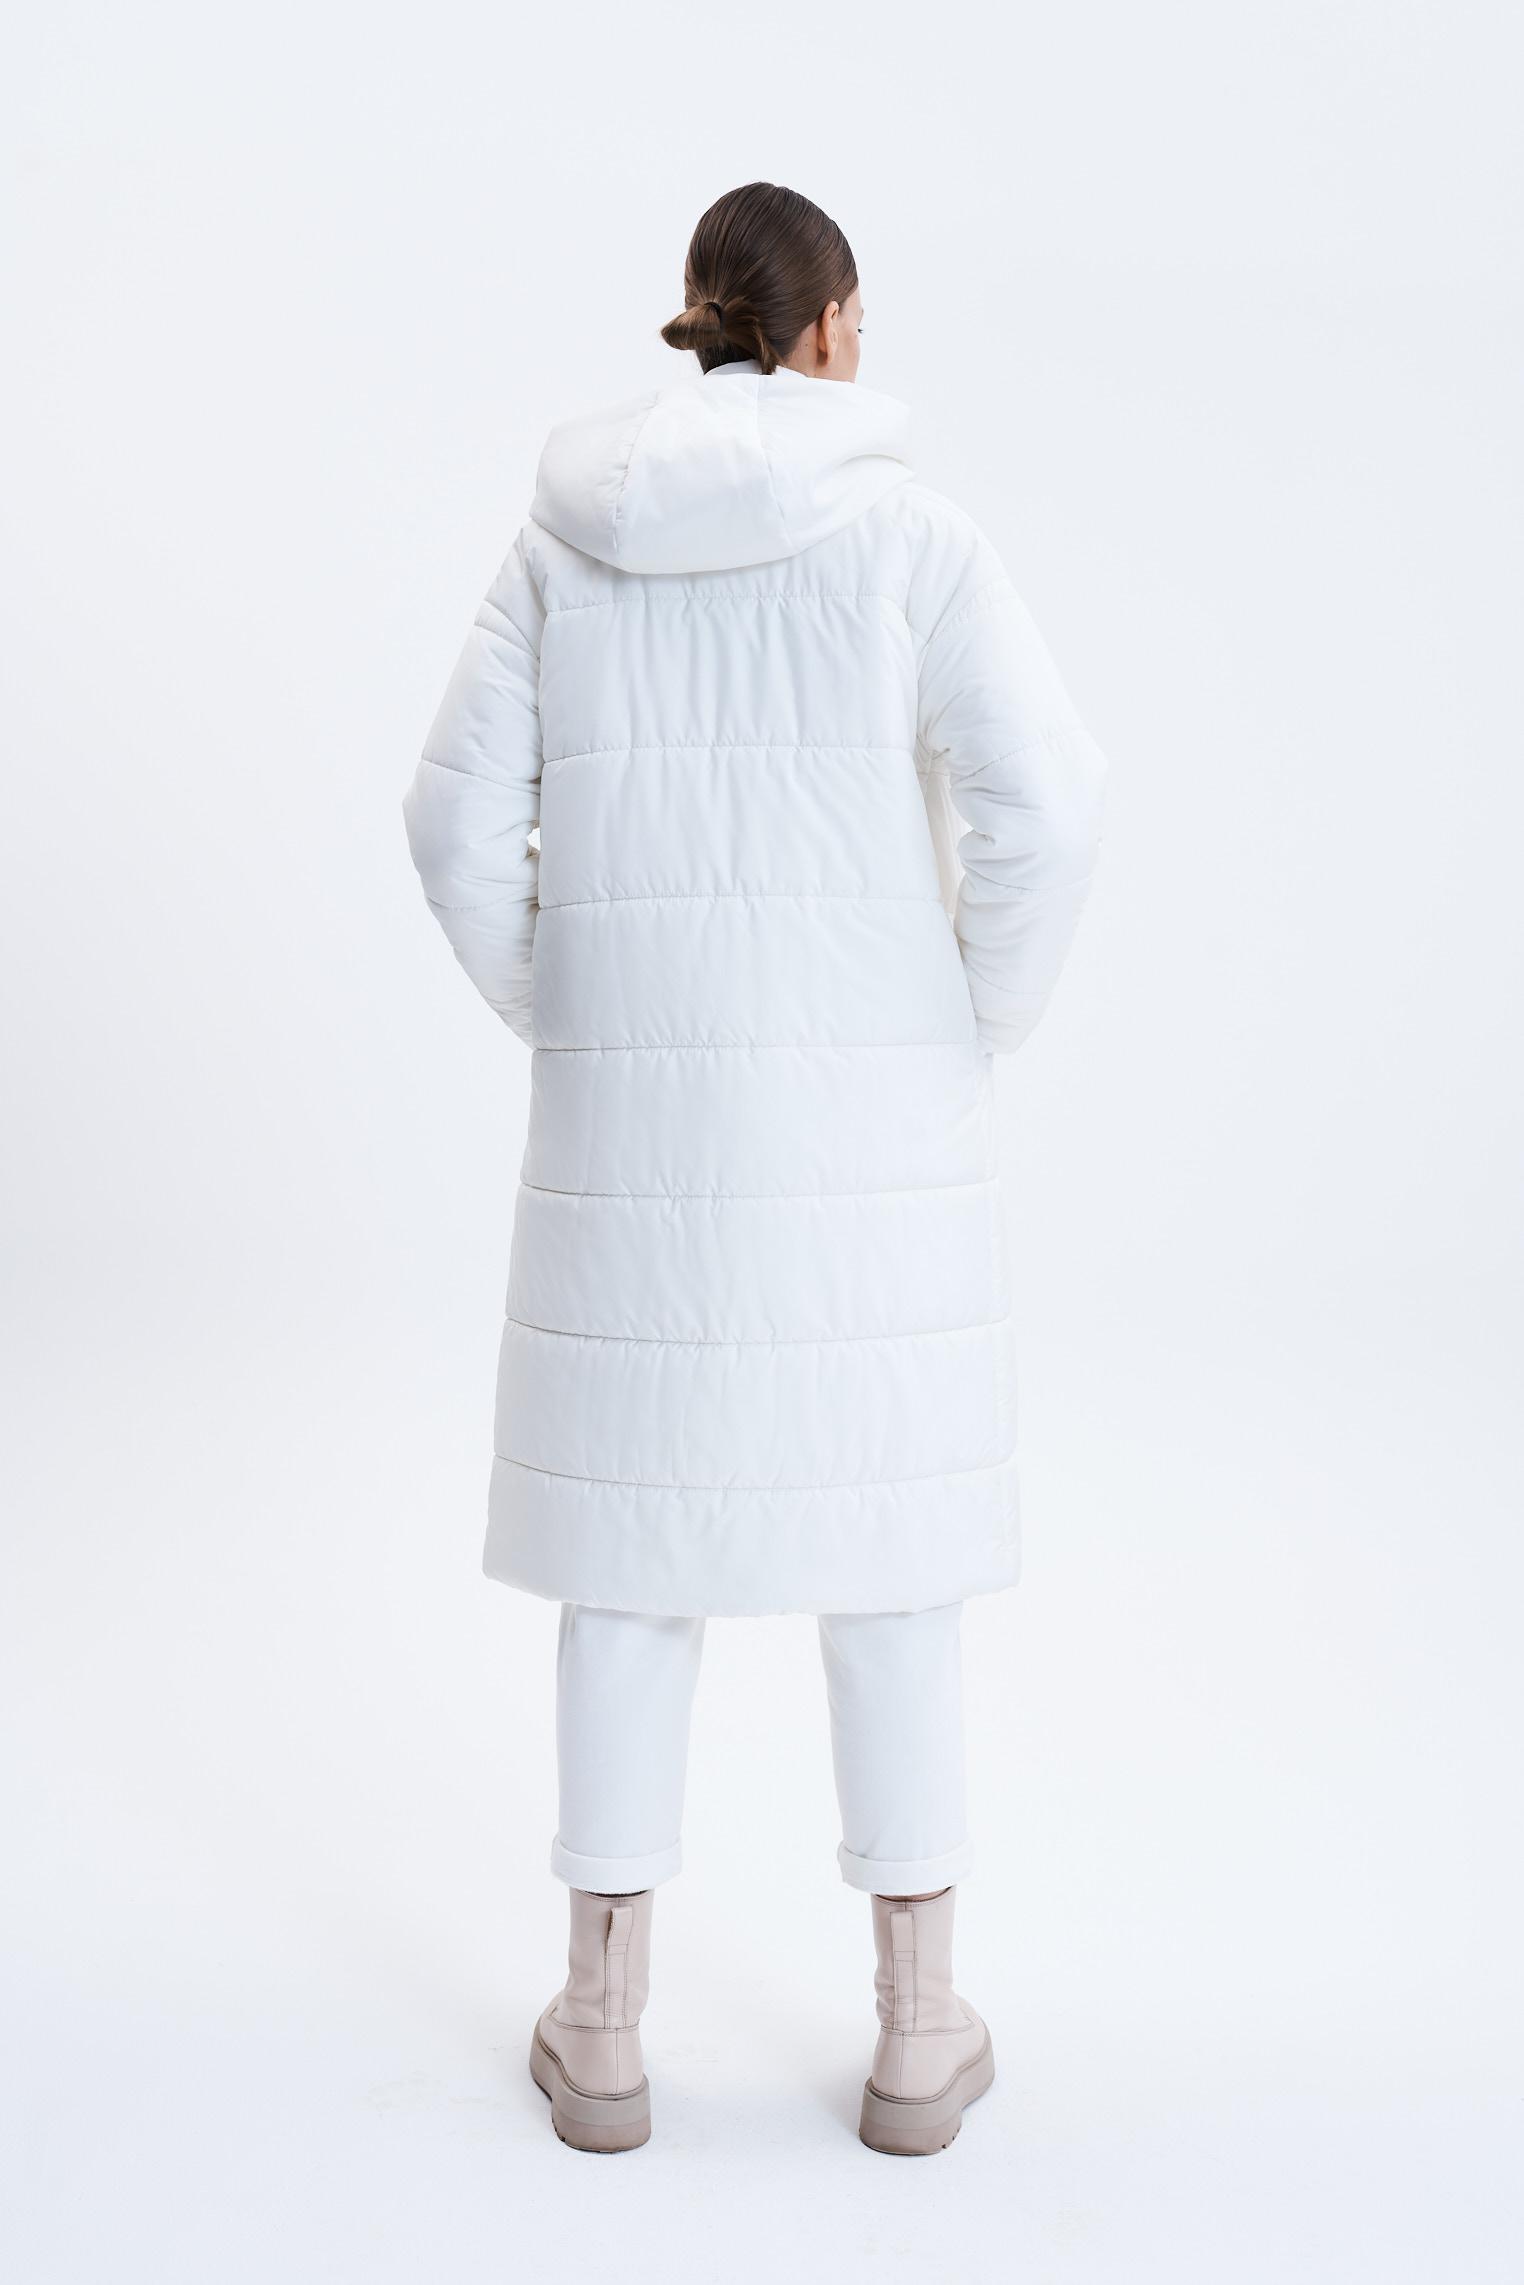 LANGER STEPPMANTEL - OFF-WHITE